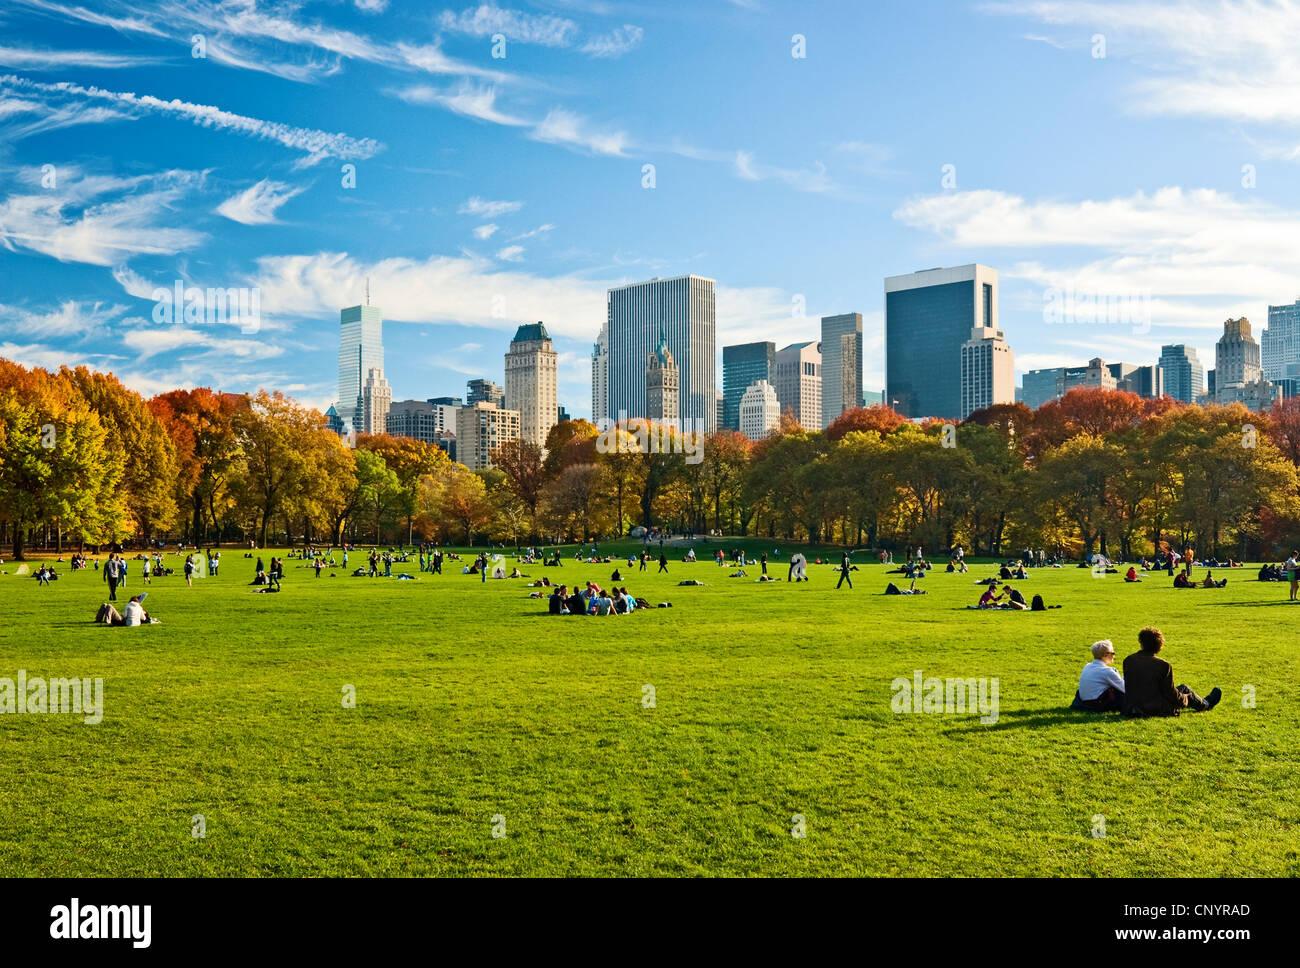 Menschen entspannen im Central Park in New York City, im Herbst, mit Blick auf die Skyline von Central Park South Stockbild